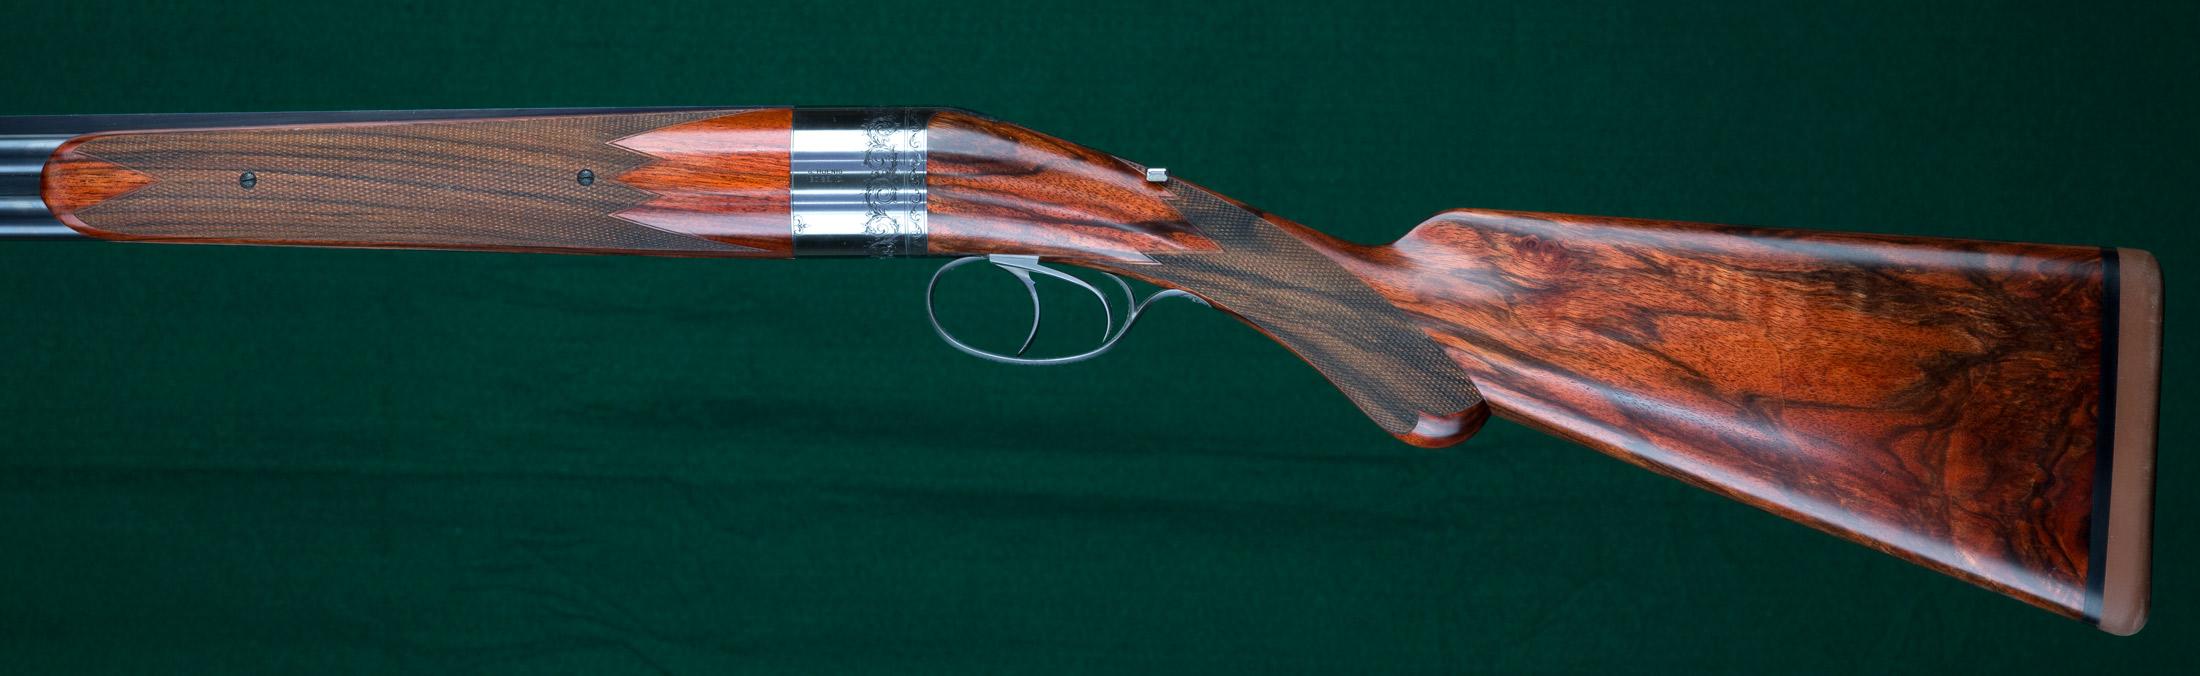 Оружие для силовых пуль